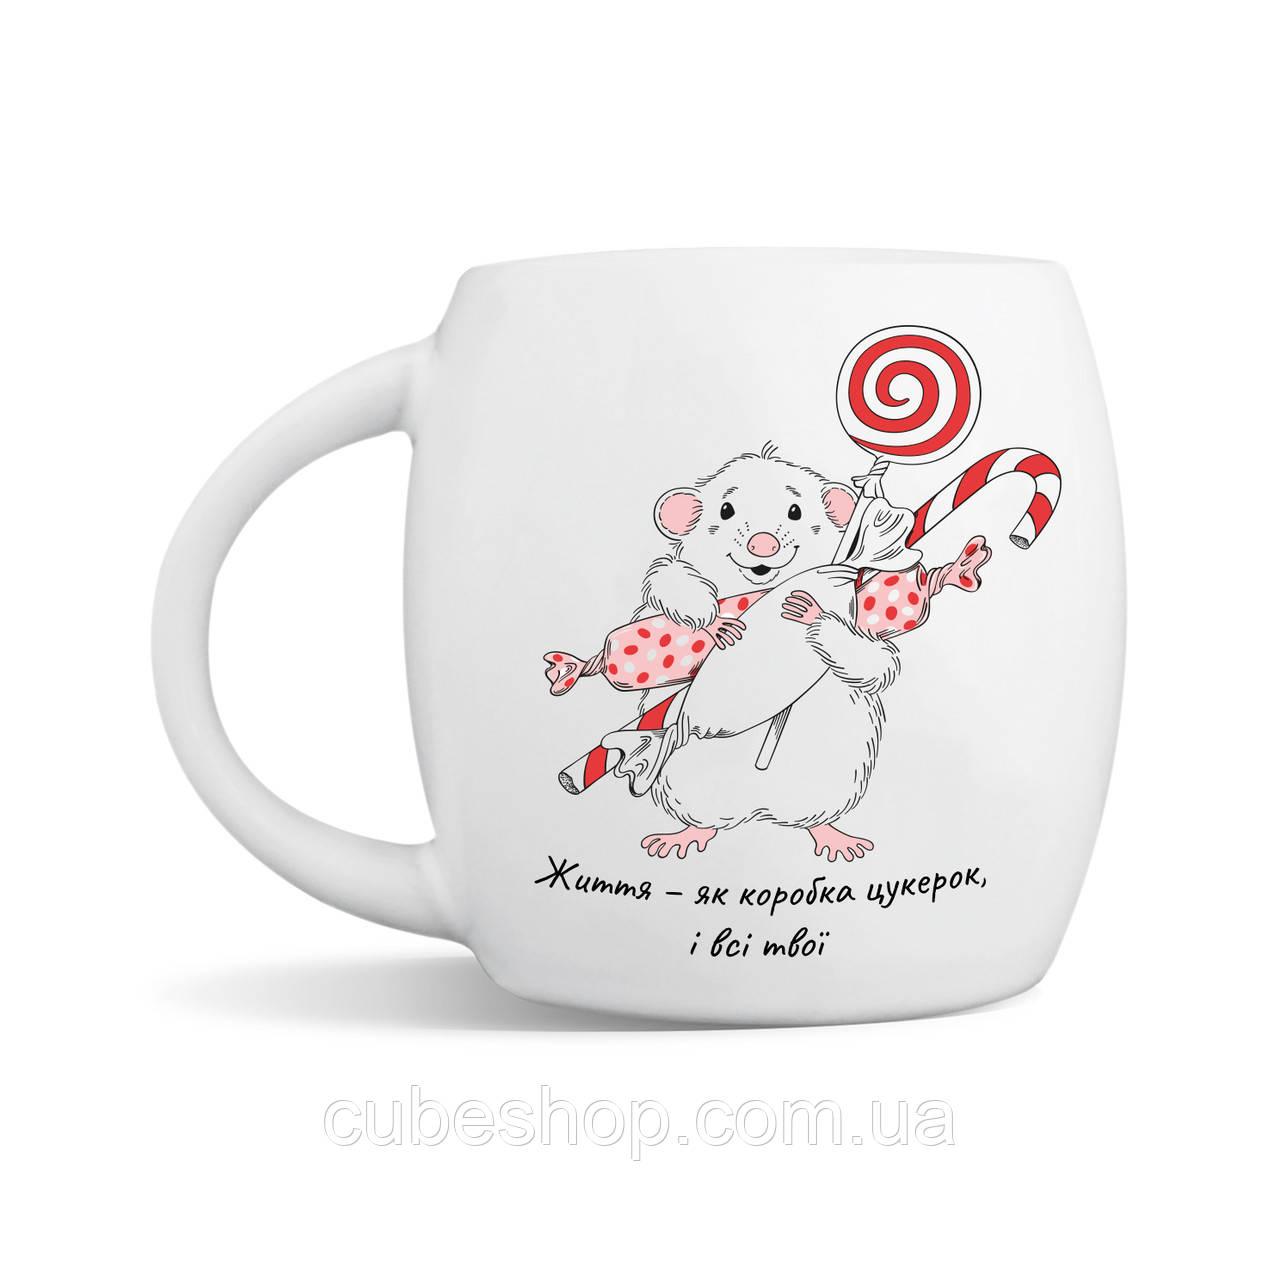 Чашка «Святкове мишеня» (450 мл) матовая